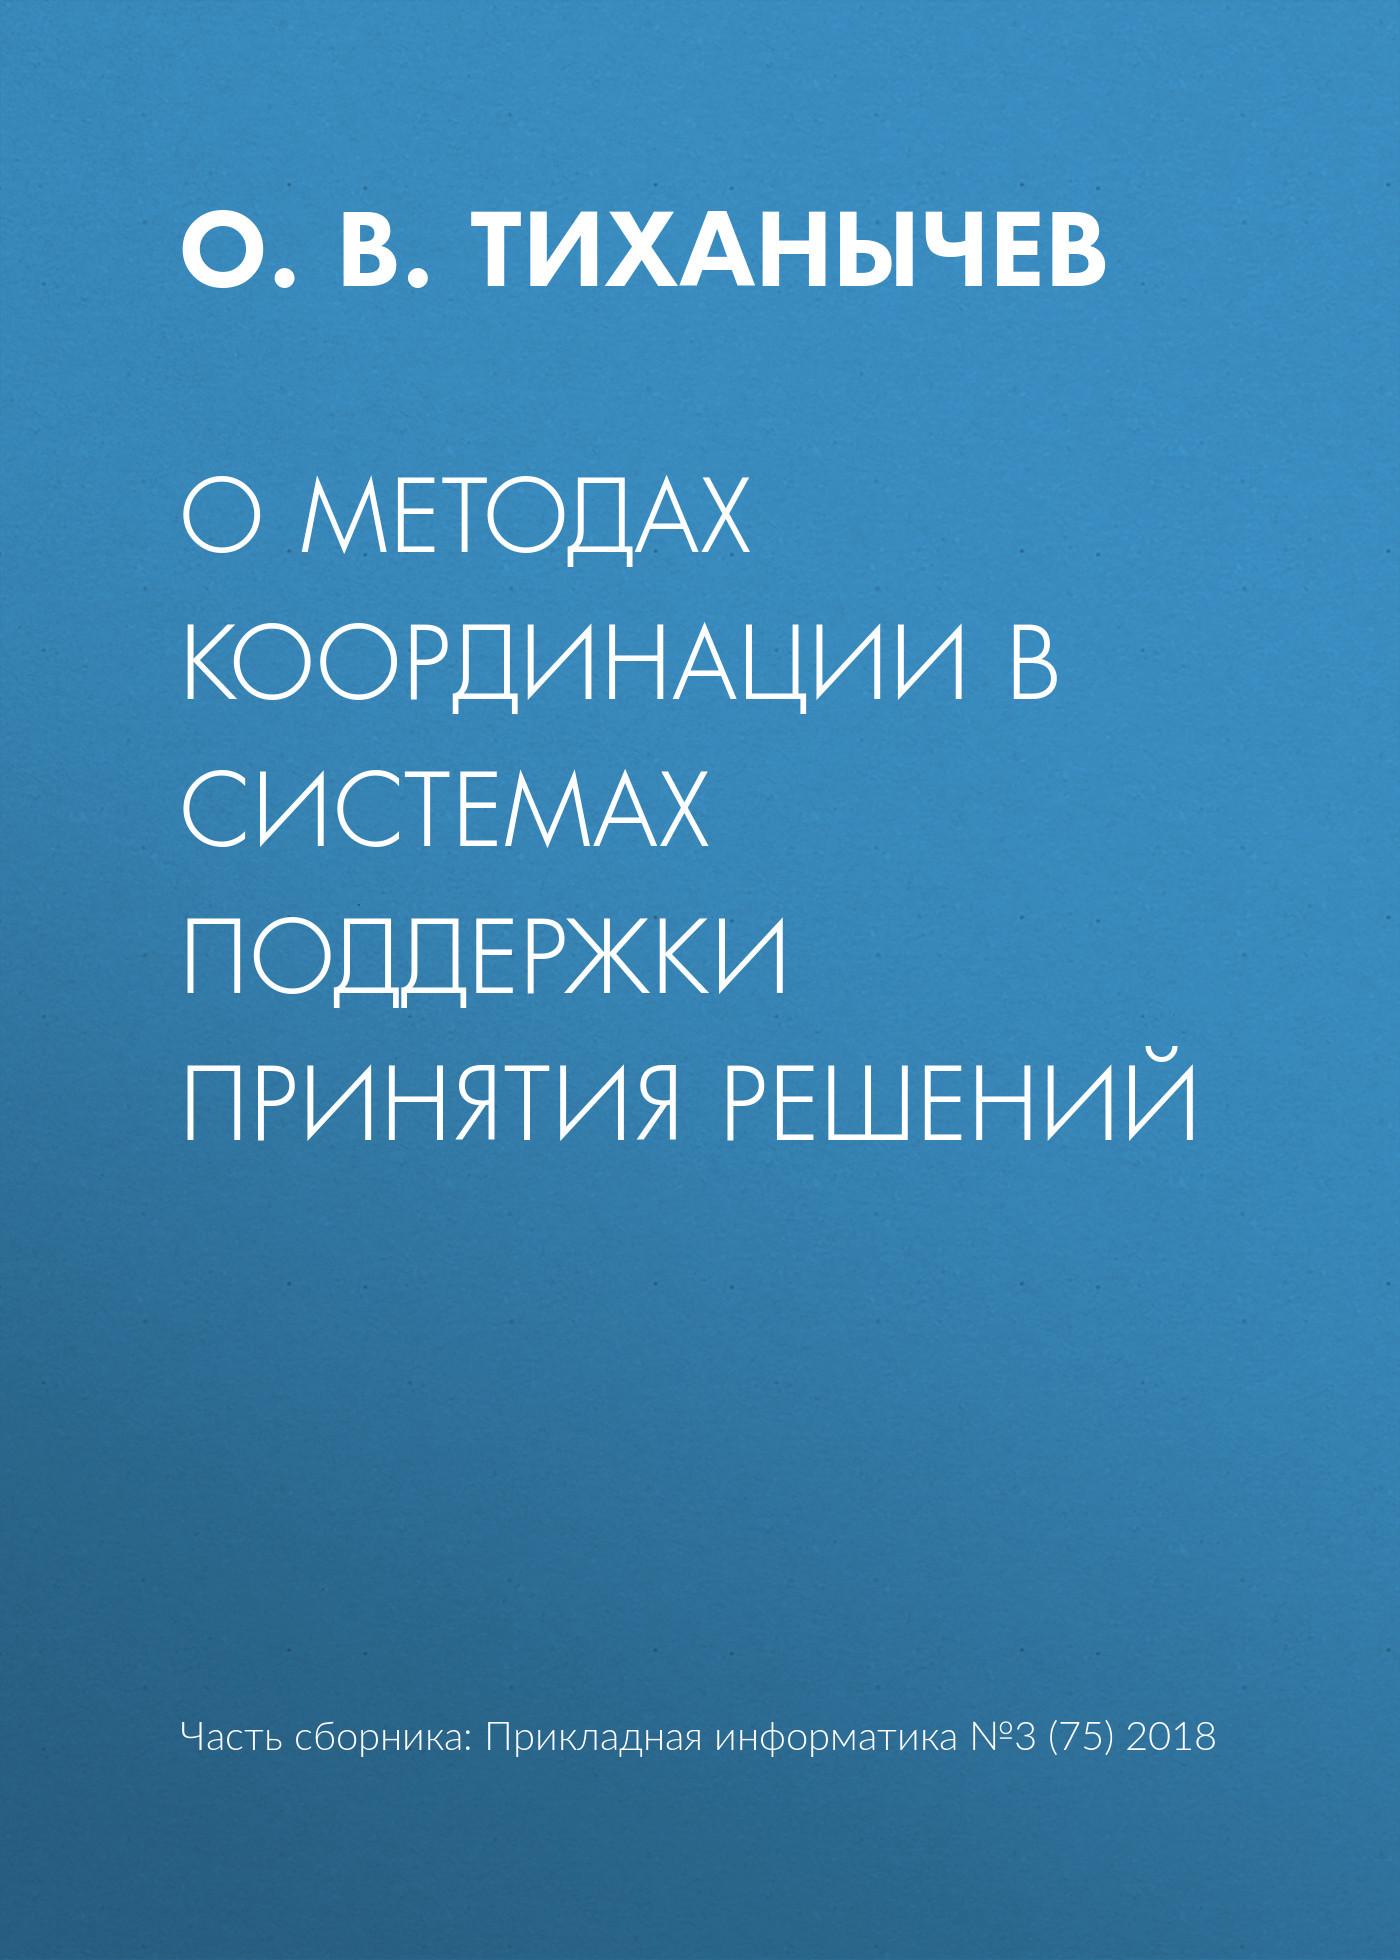 О. В. Тиханычев О методах координации в системах поддержки принятия решений